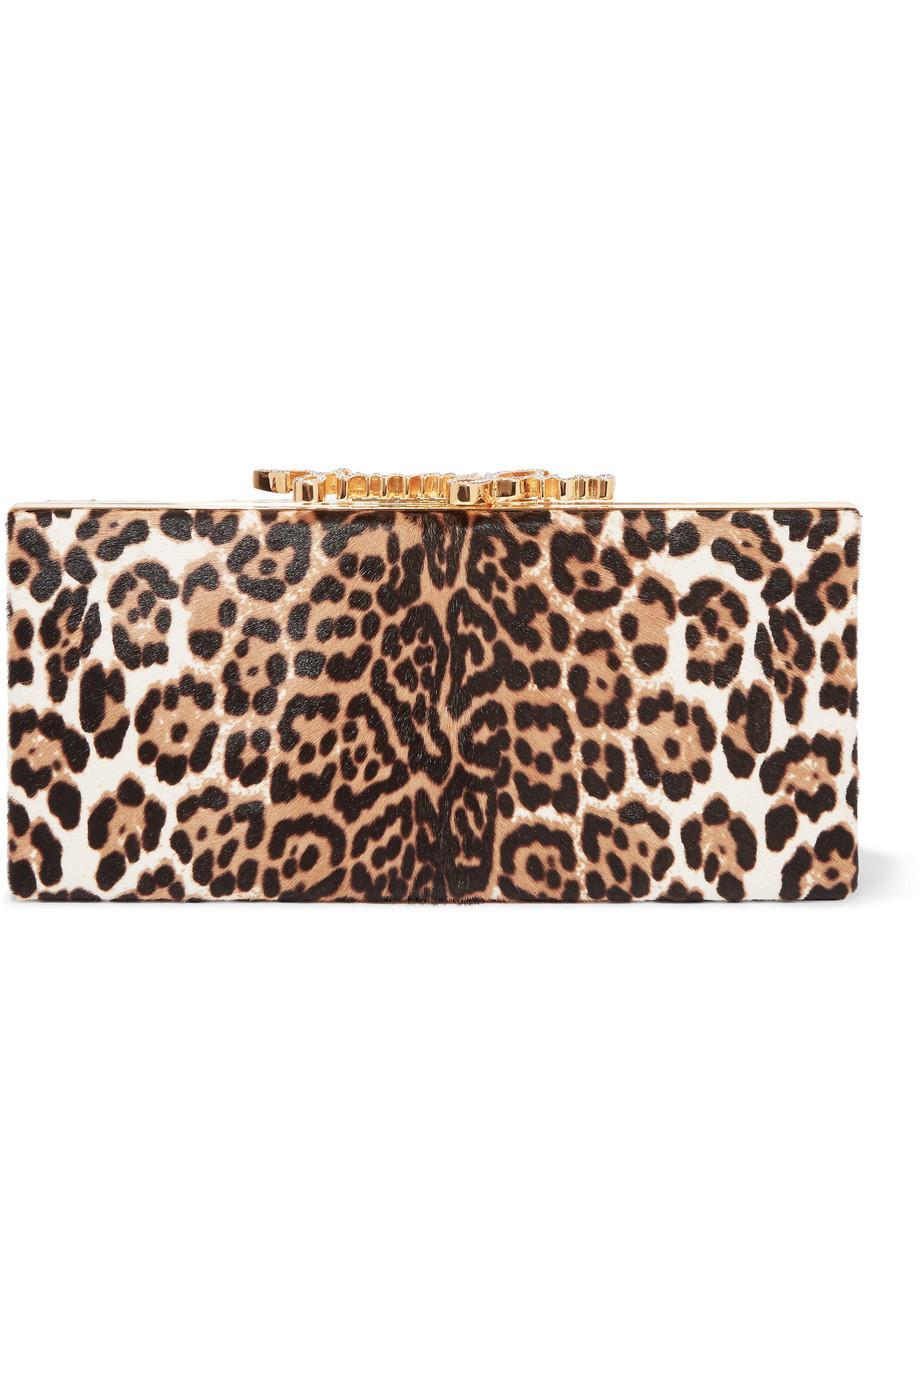 Jimmy Choo Celeste Embellished Leopard-Print Calf Hair Clutch, Leopard Print, Women's